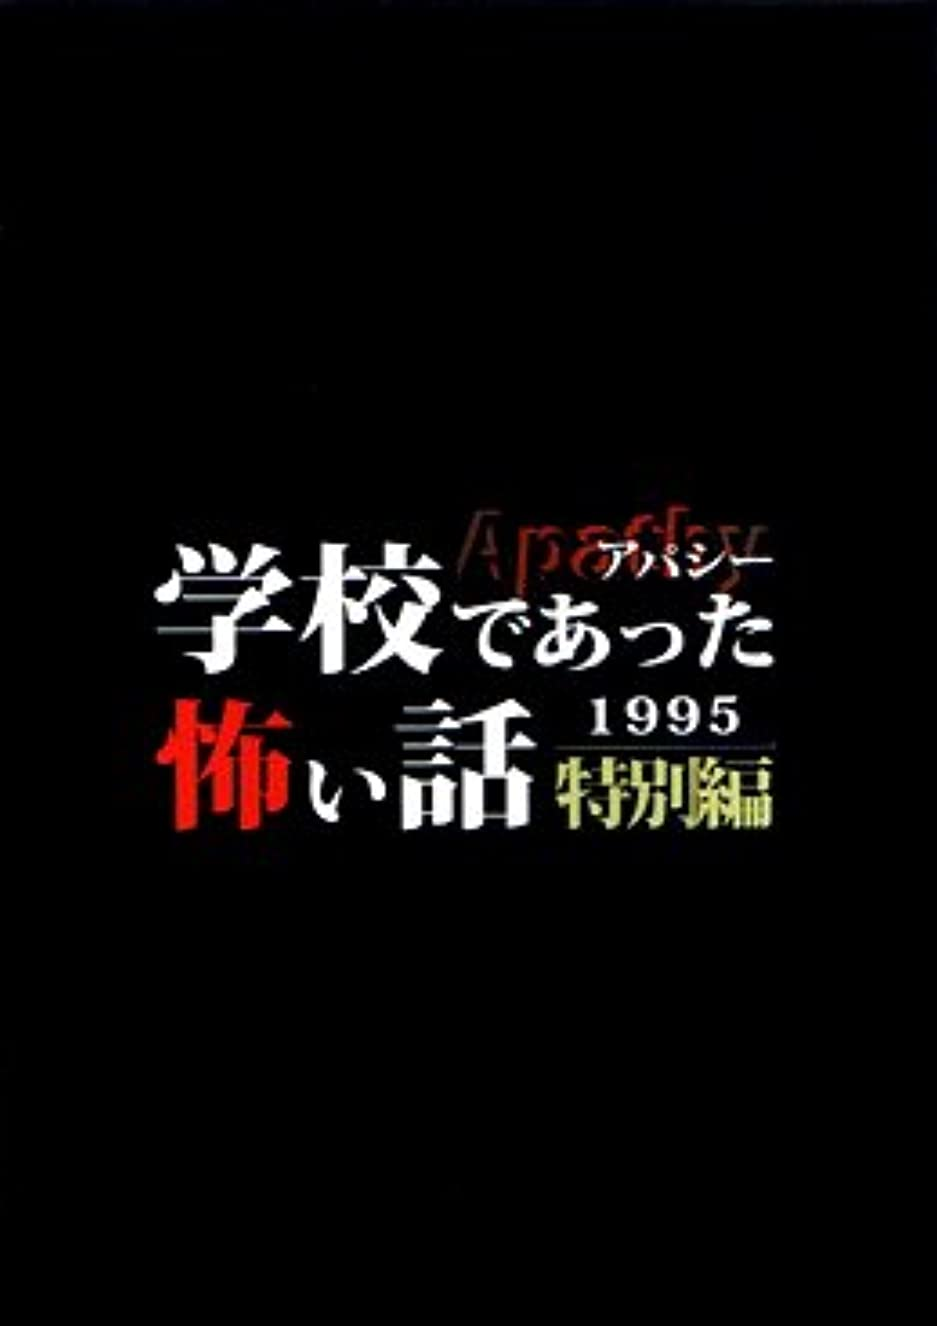 大佐アトミック天のアパシー 学校であった怖い話1995 特別編